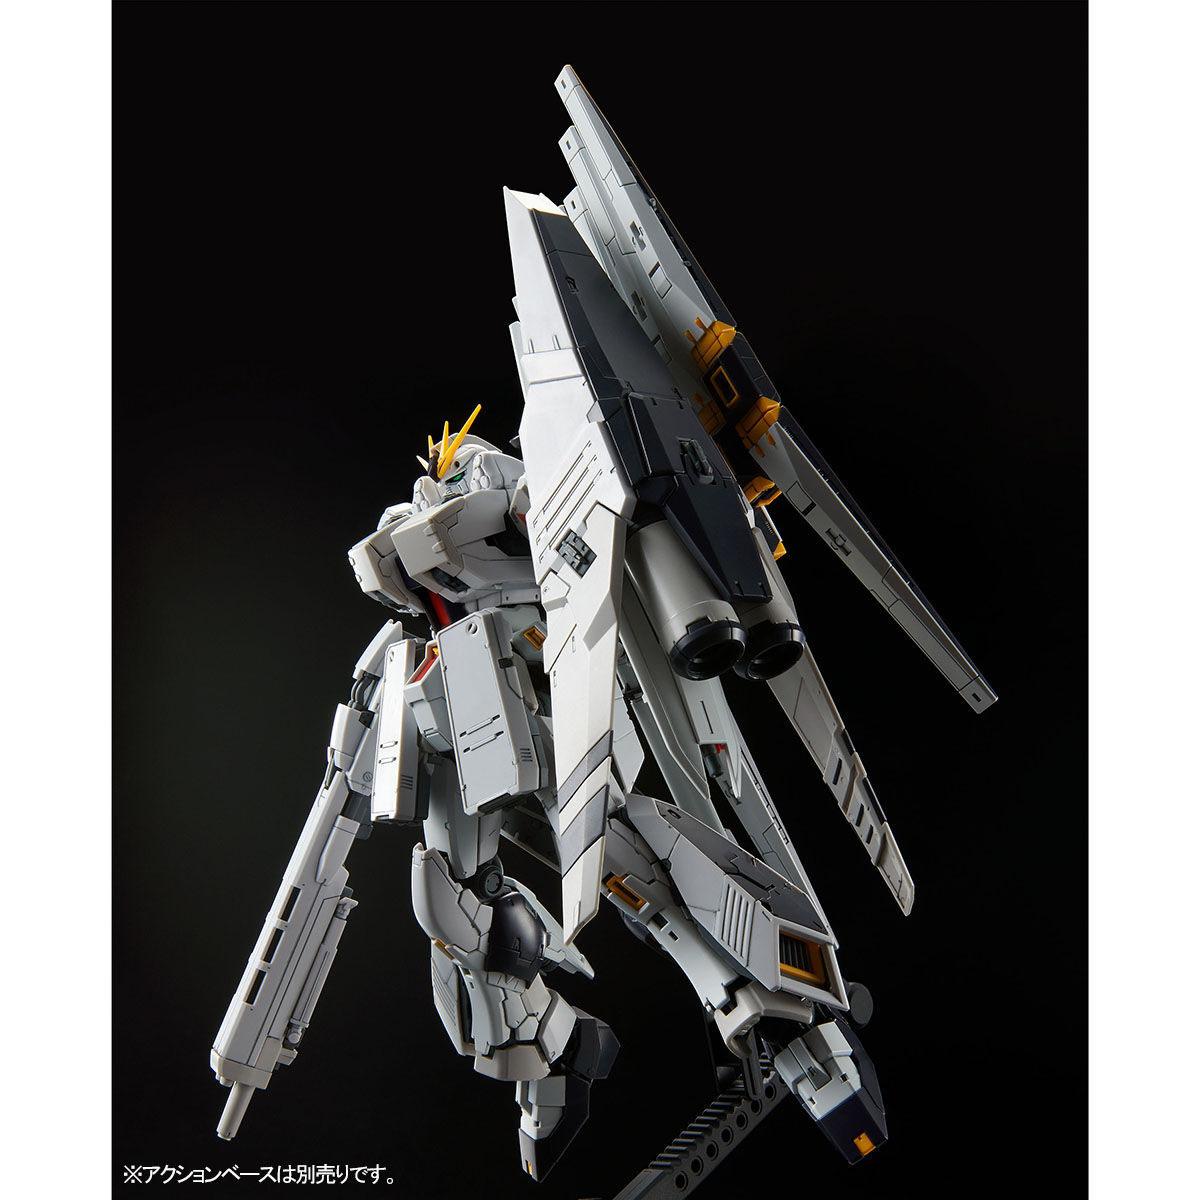 【限定販売】RG 1/144『νガンダム HWS』逆襲のシャア プラモデル-006